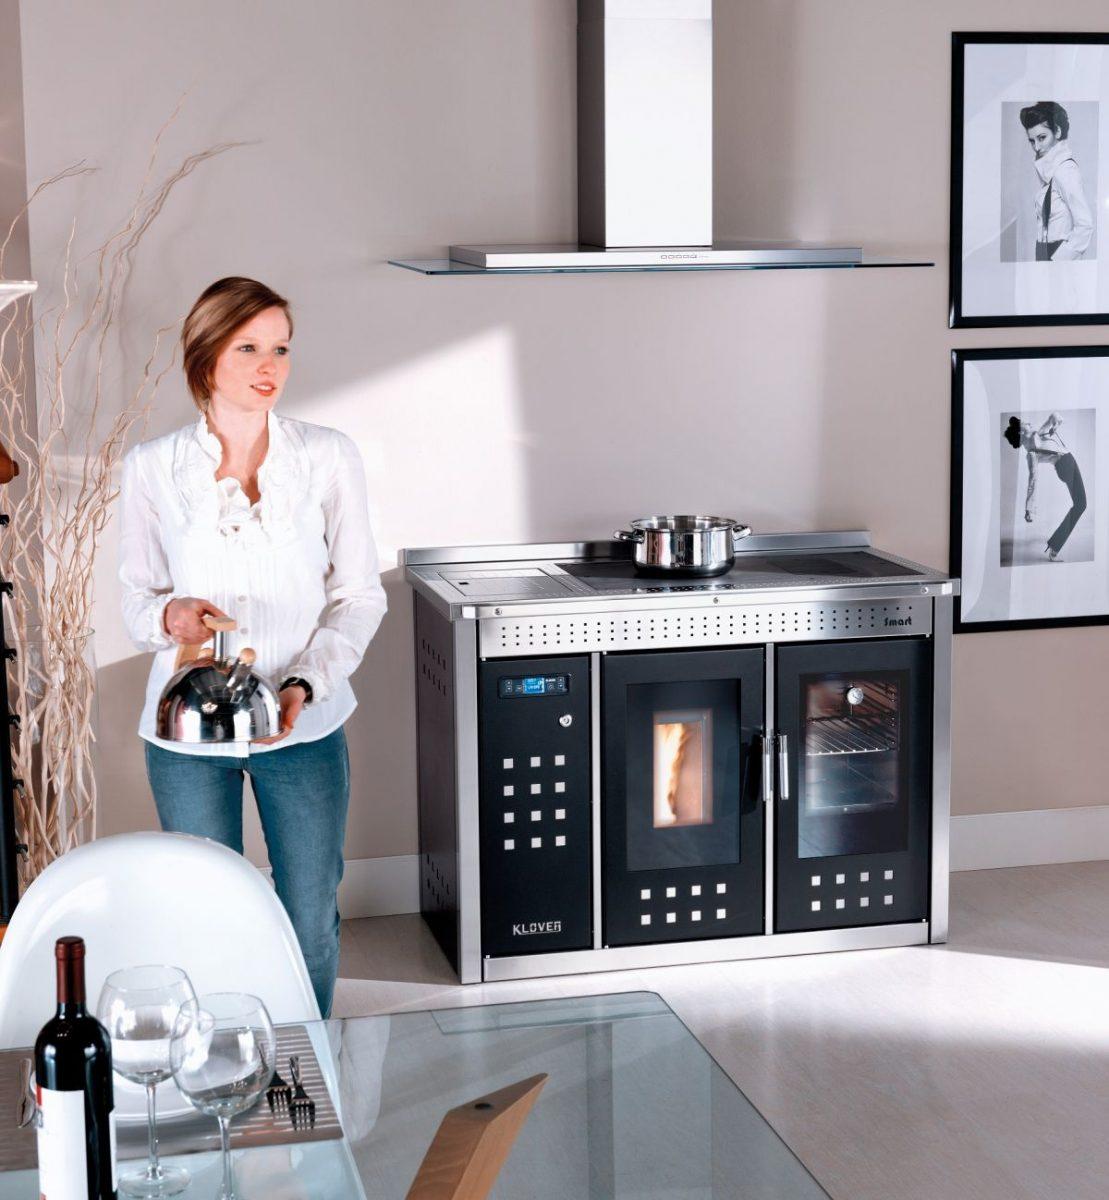 1ludlow-stoves-ltd_klover-smart-120-pellet-cooker-boiler-1200x1200.jpg